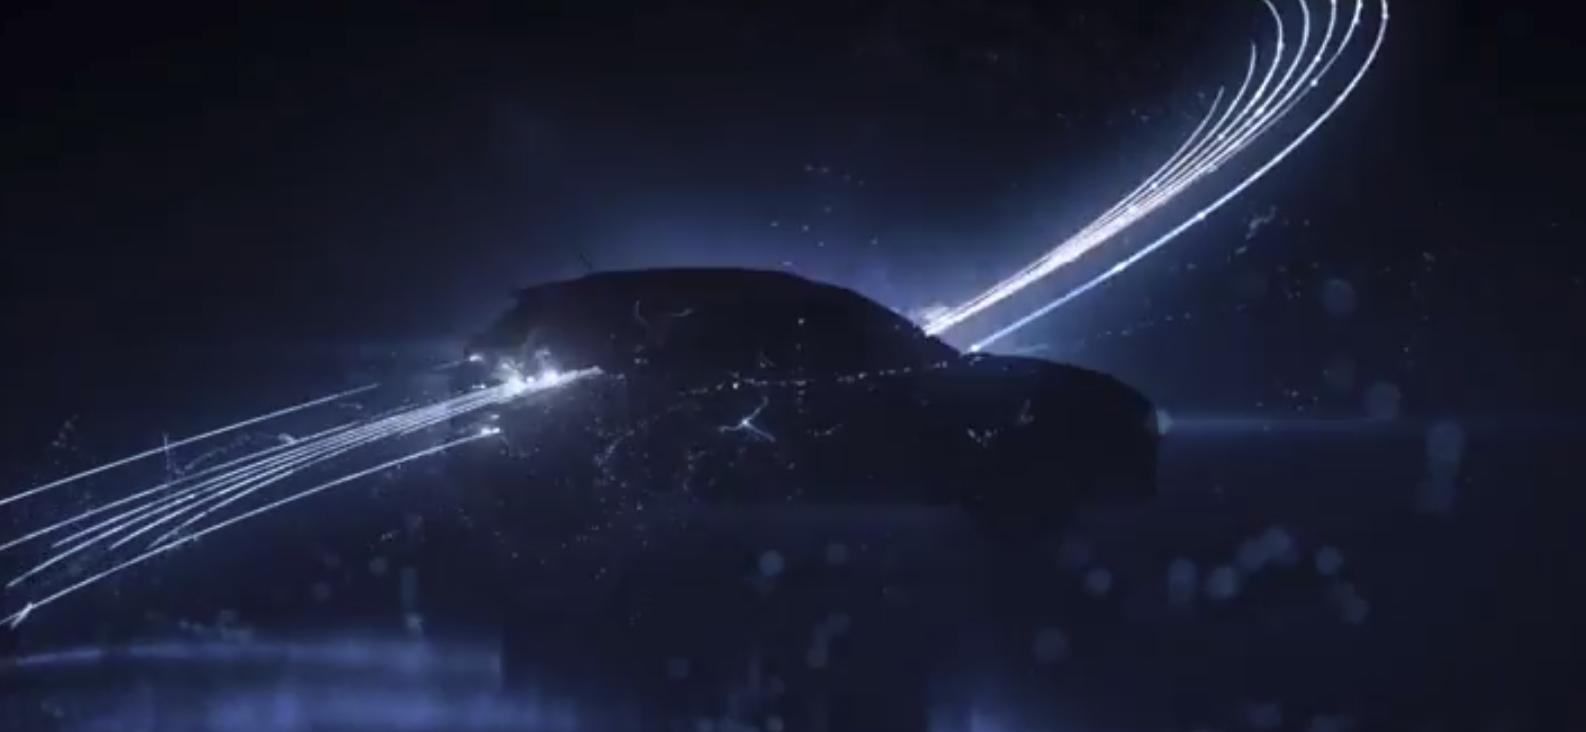 Silueta del Hyundai Kona eléctrico